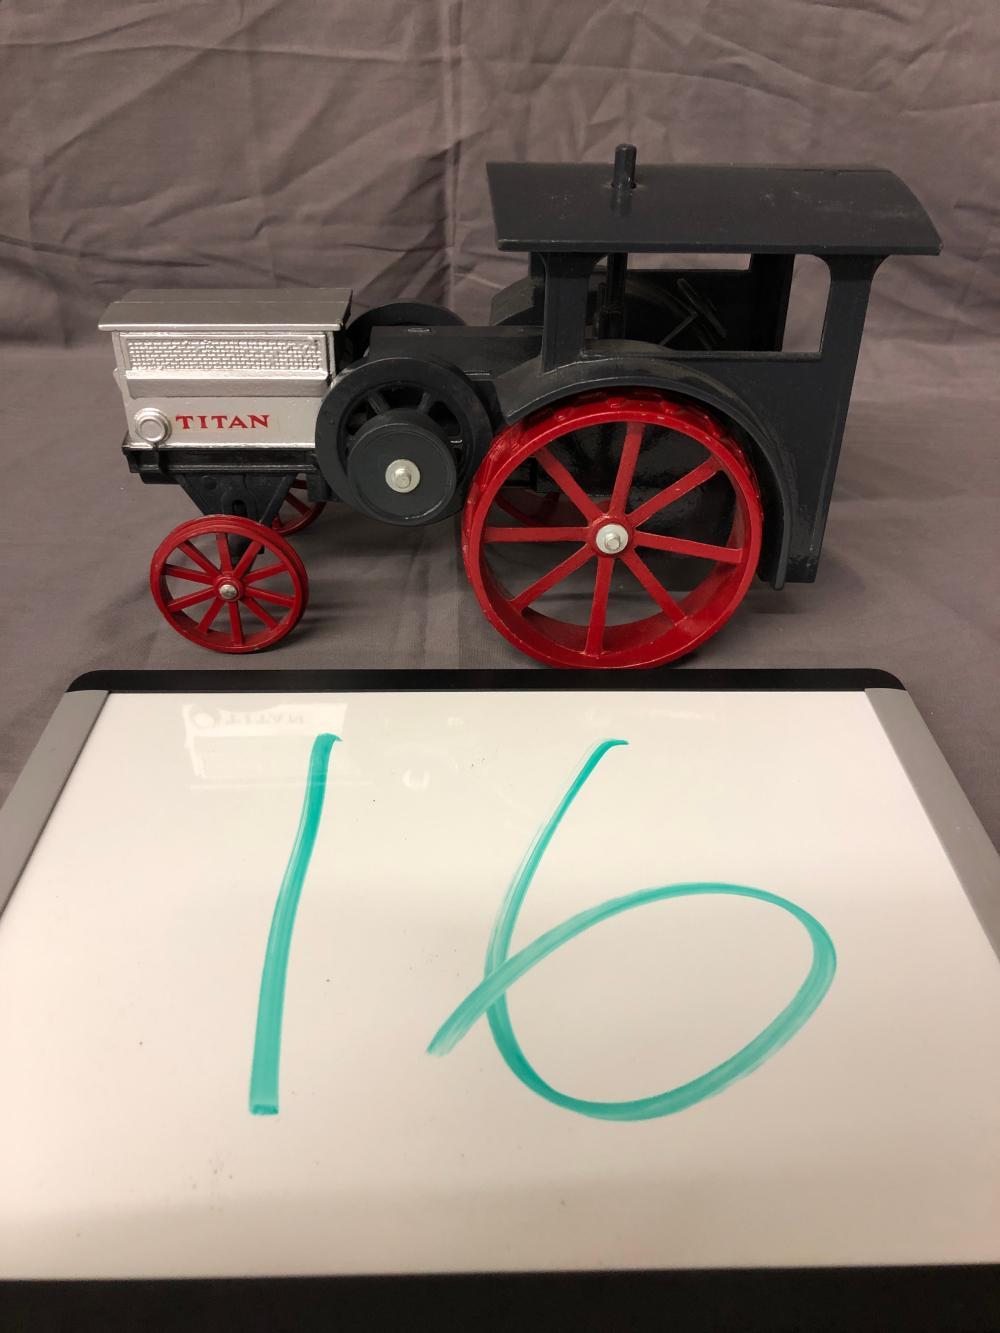 1/16th Scale Titan Tractor